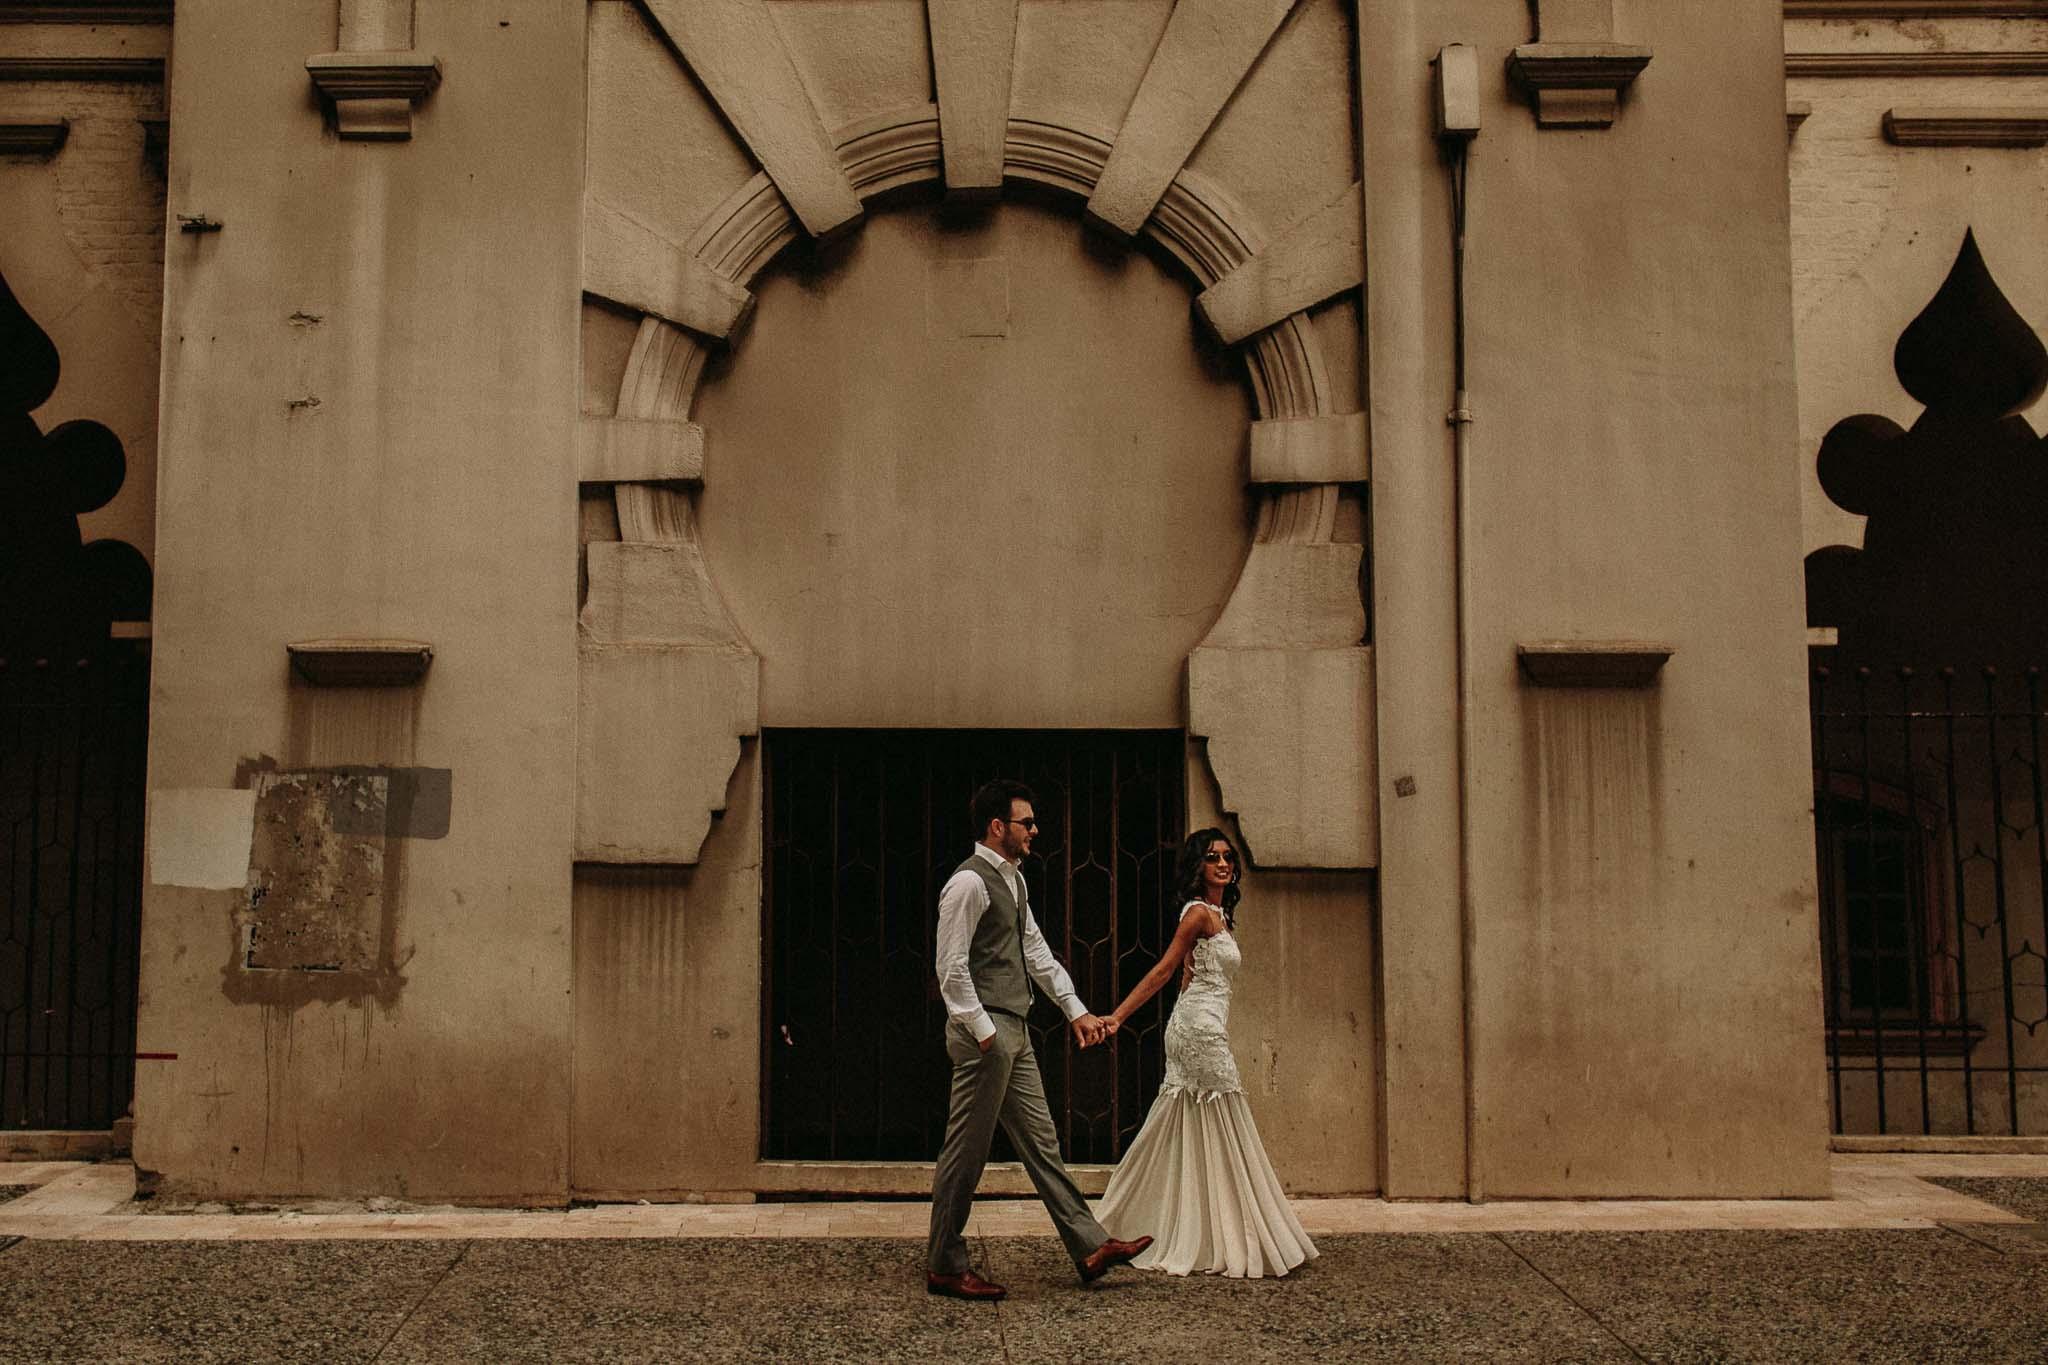 u&m-weddingsbyqay-lovesession-destinationweddingphotographer (131 of 160).jpg